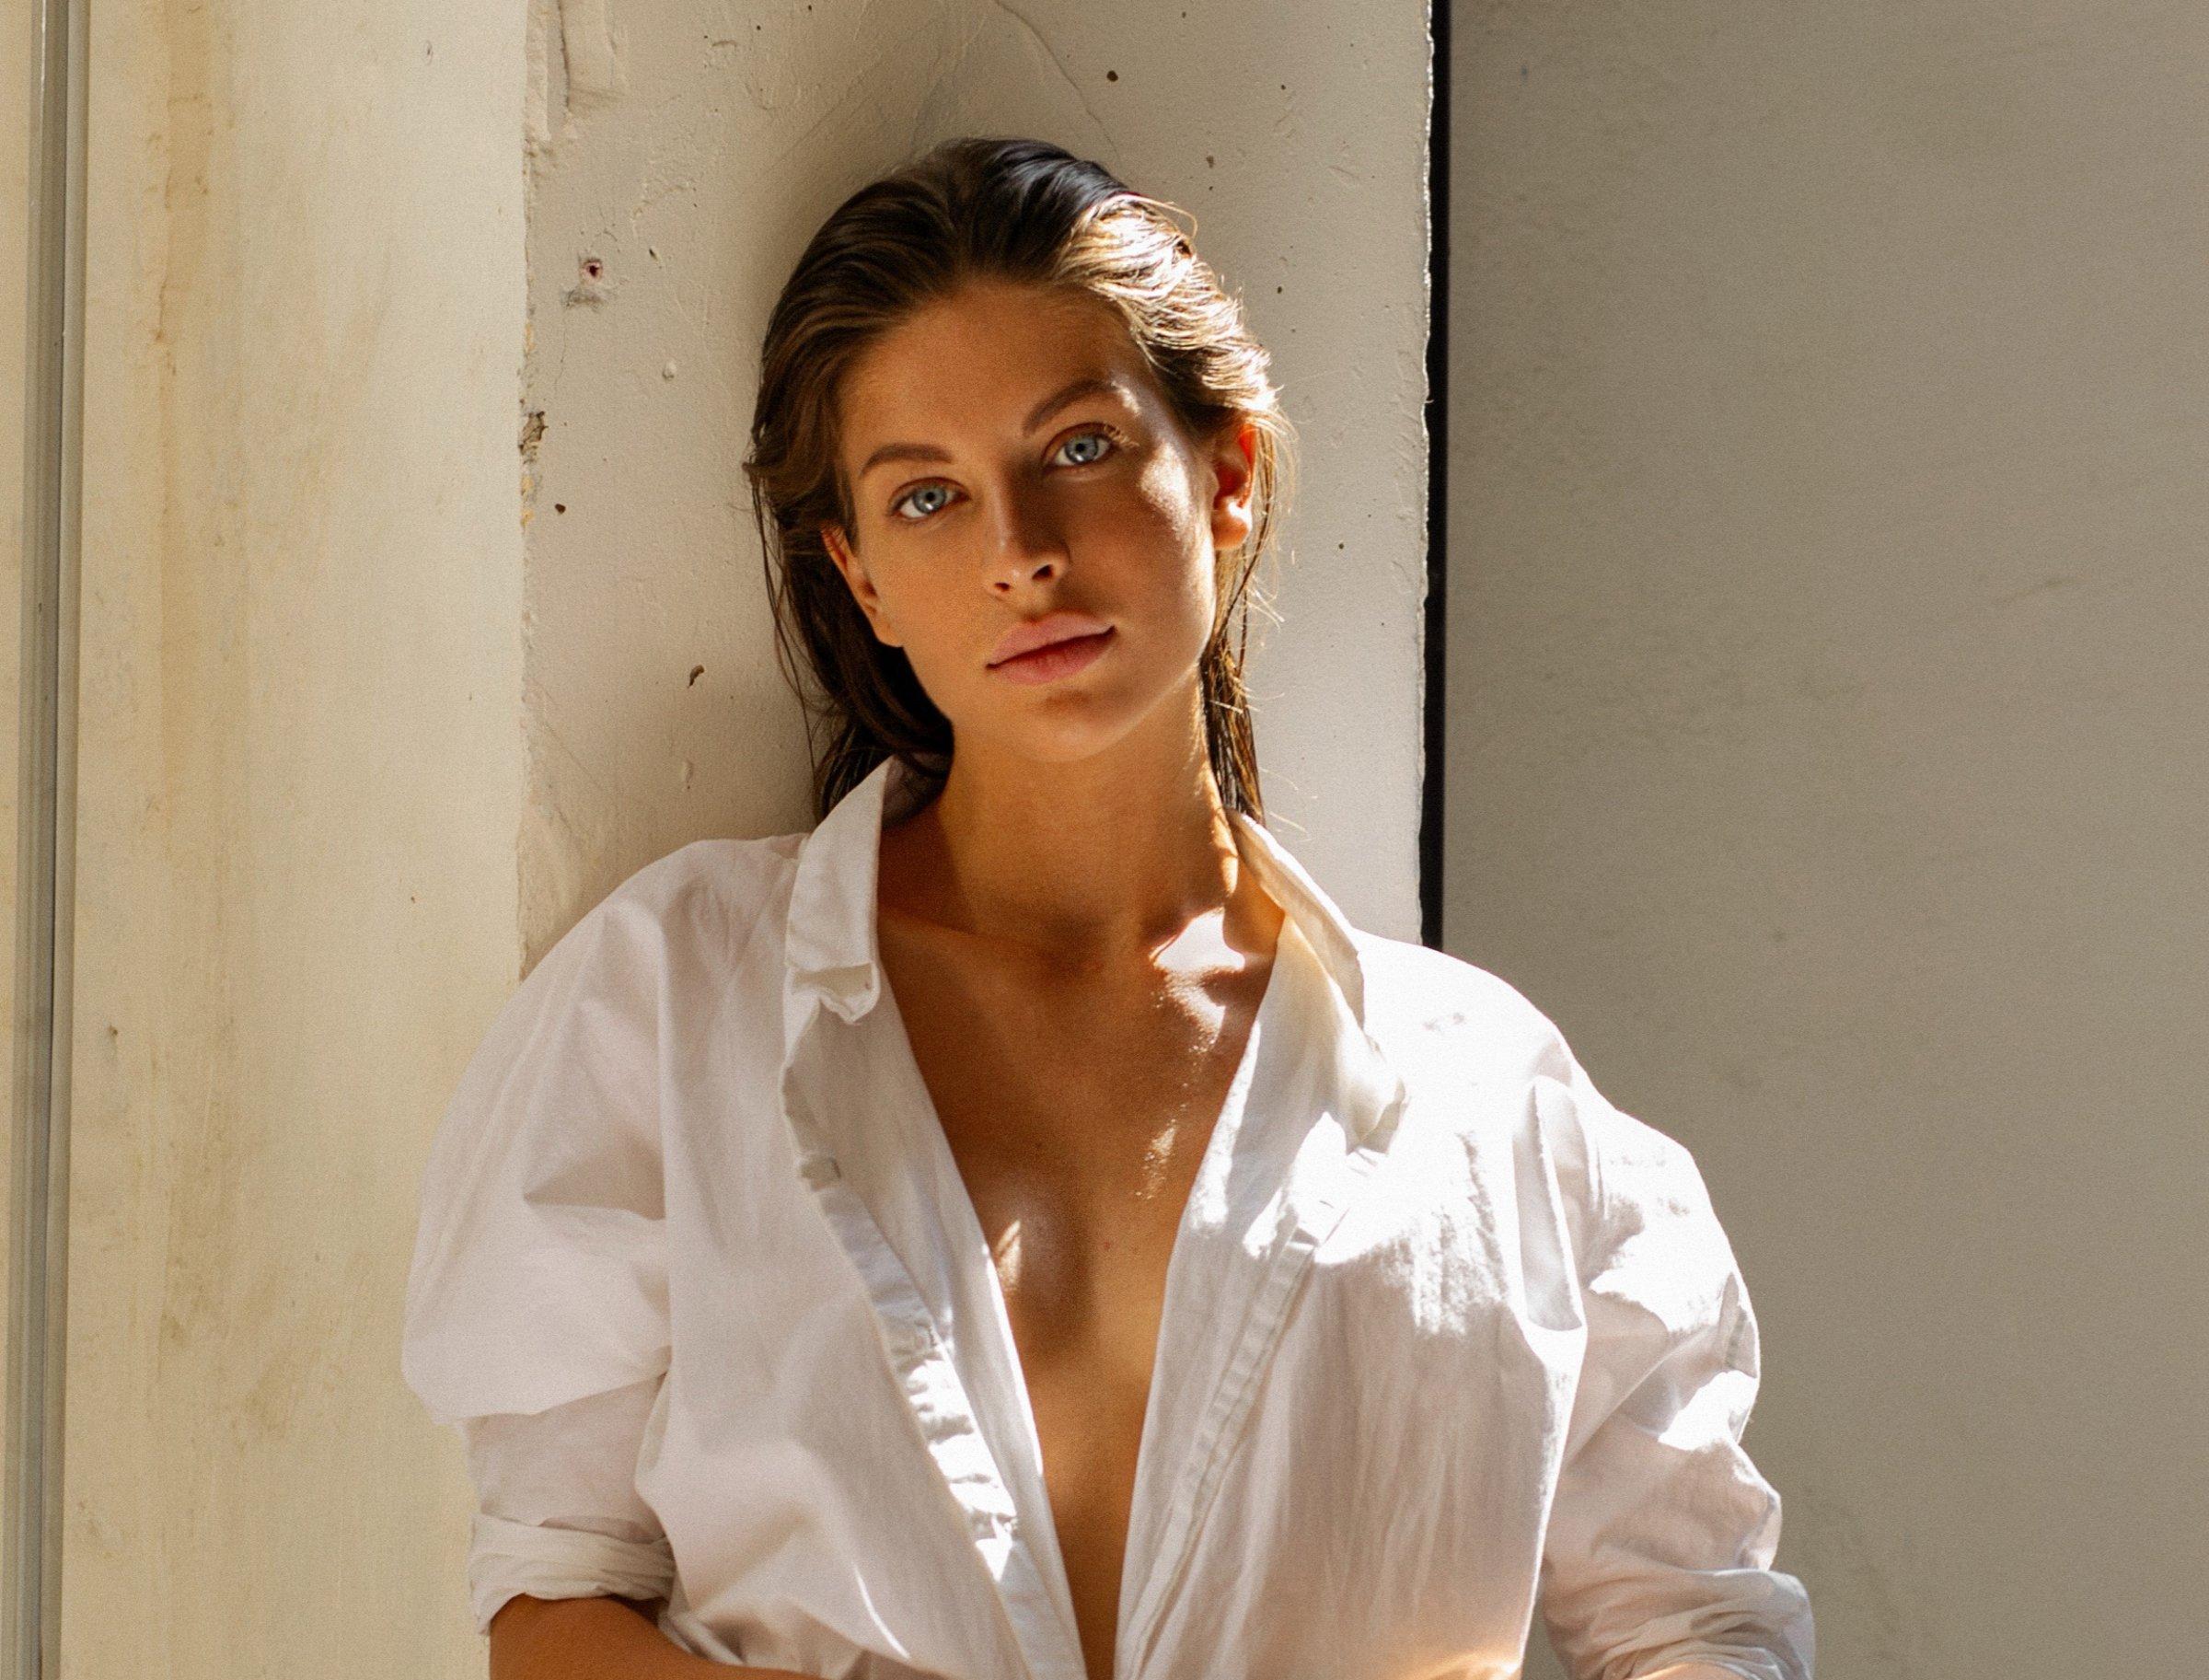 Юлия проценко модельное агентство калининград